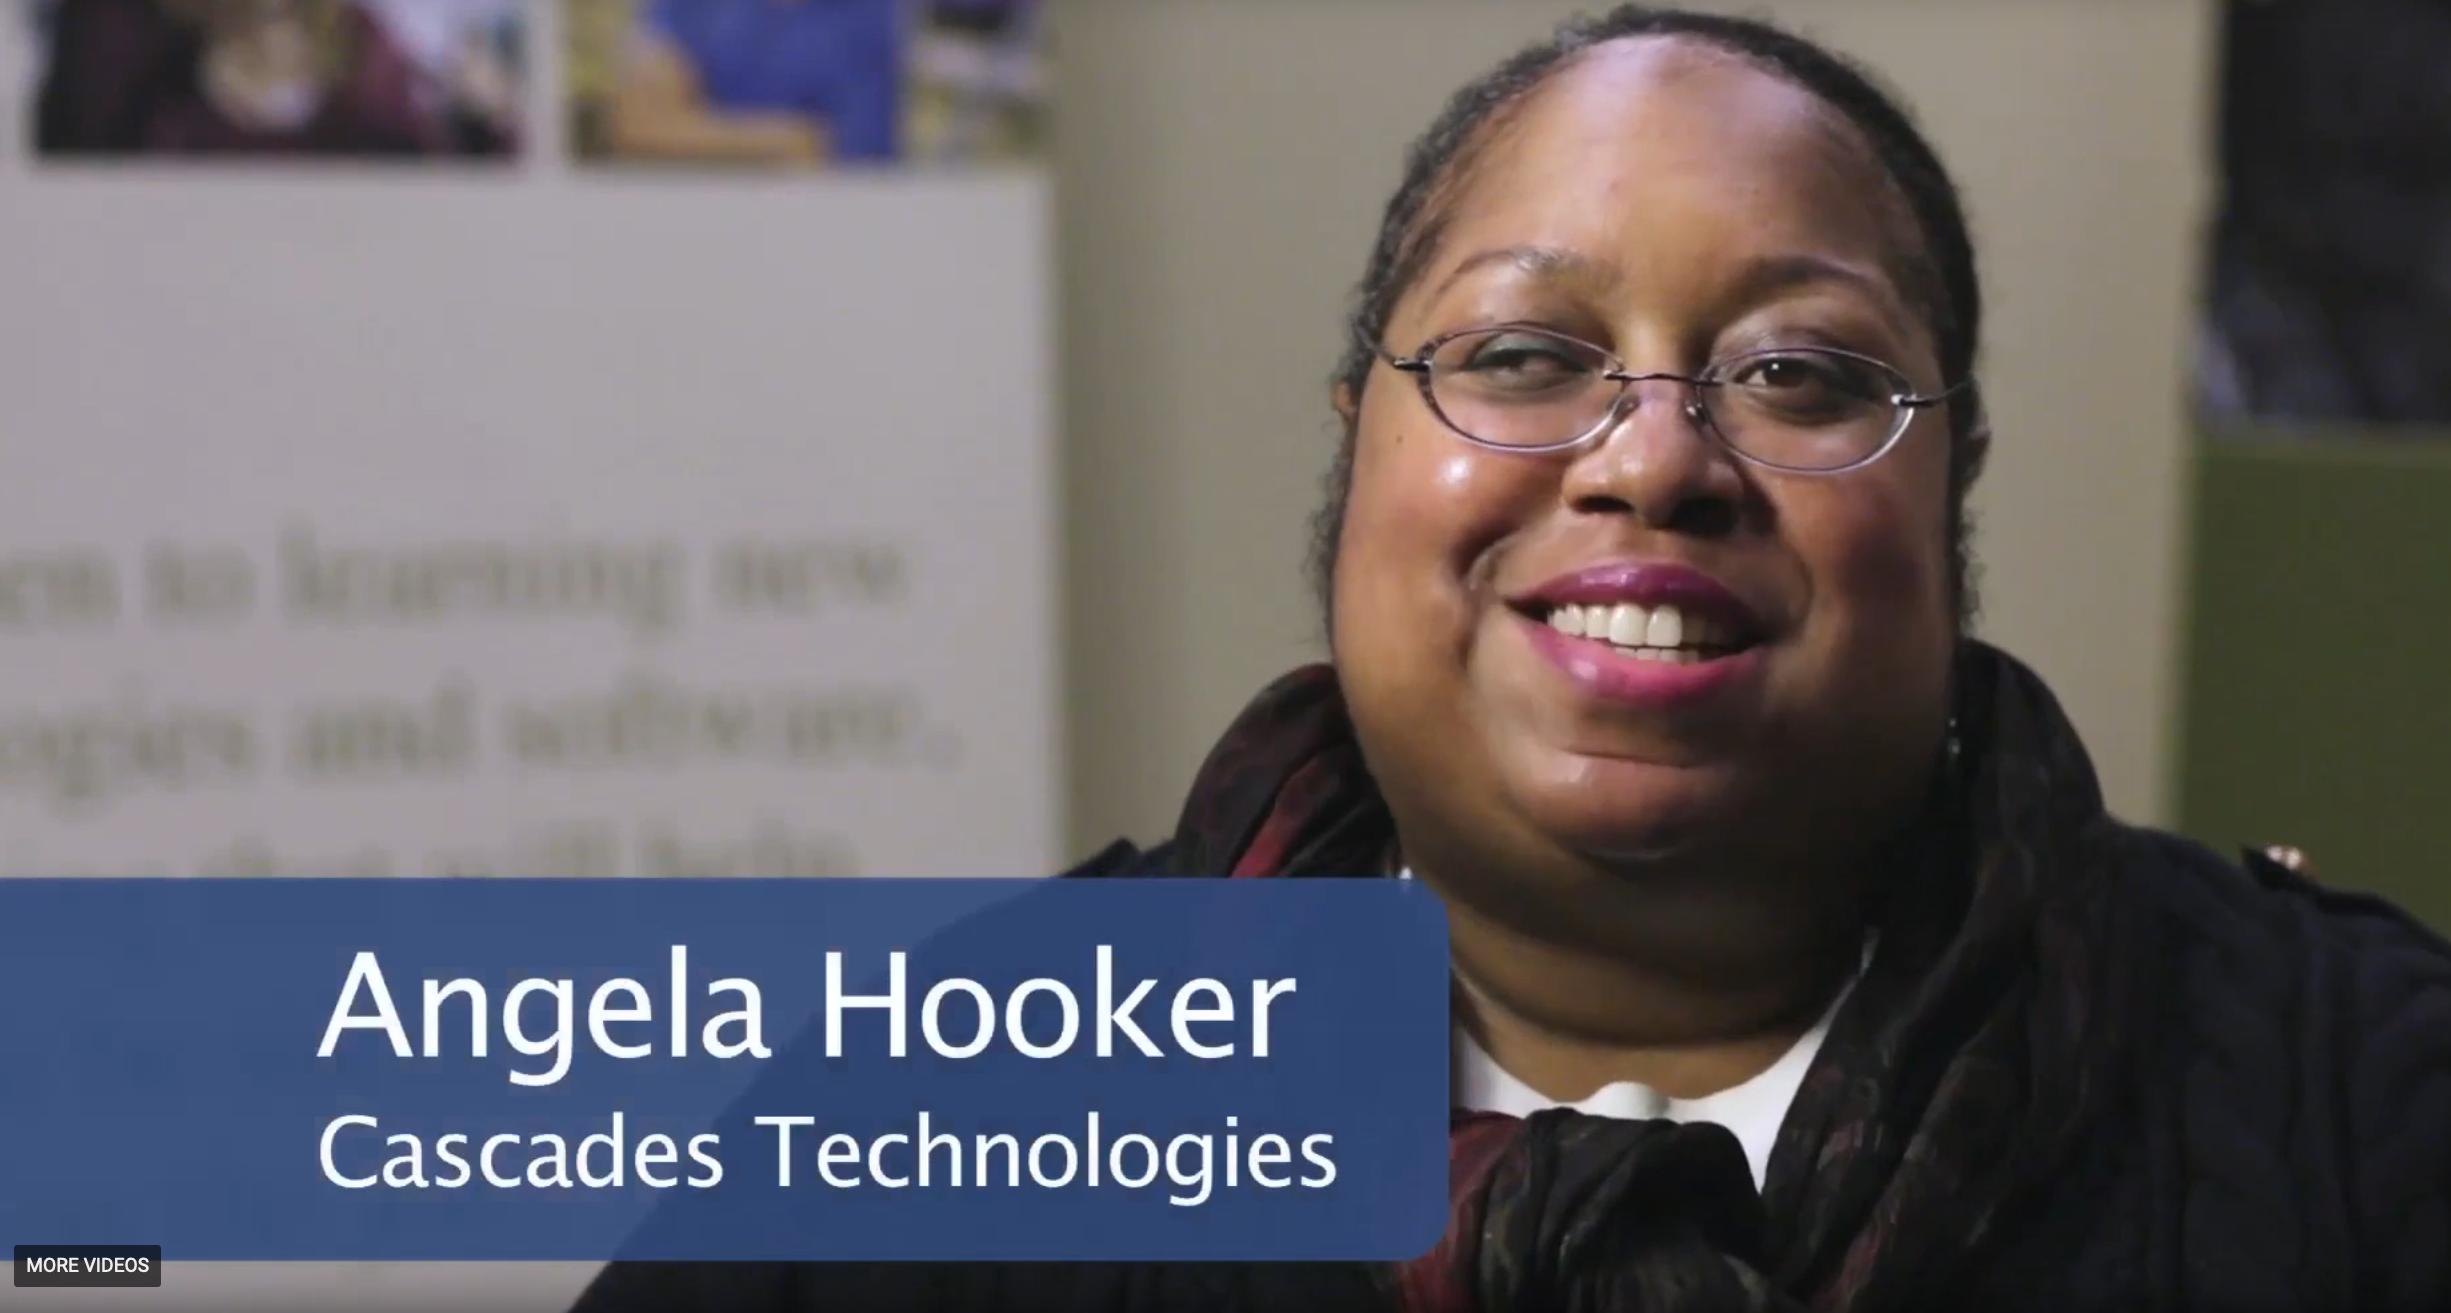 vdieo screenshot of Angela Hooker, Cascade Technologies